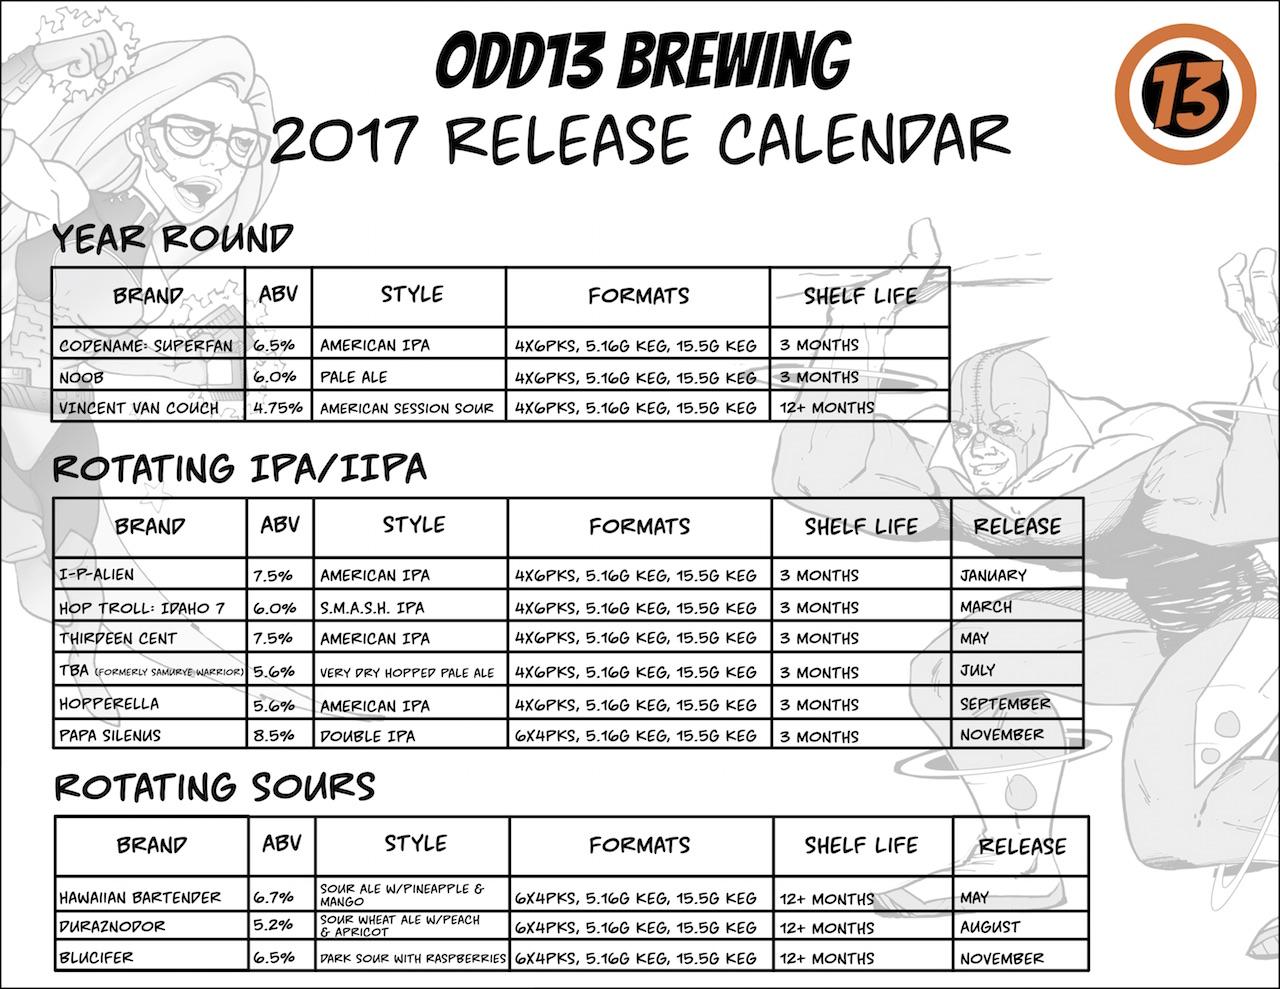 2017 Odd13 Beer Release Calendar